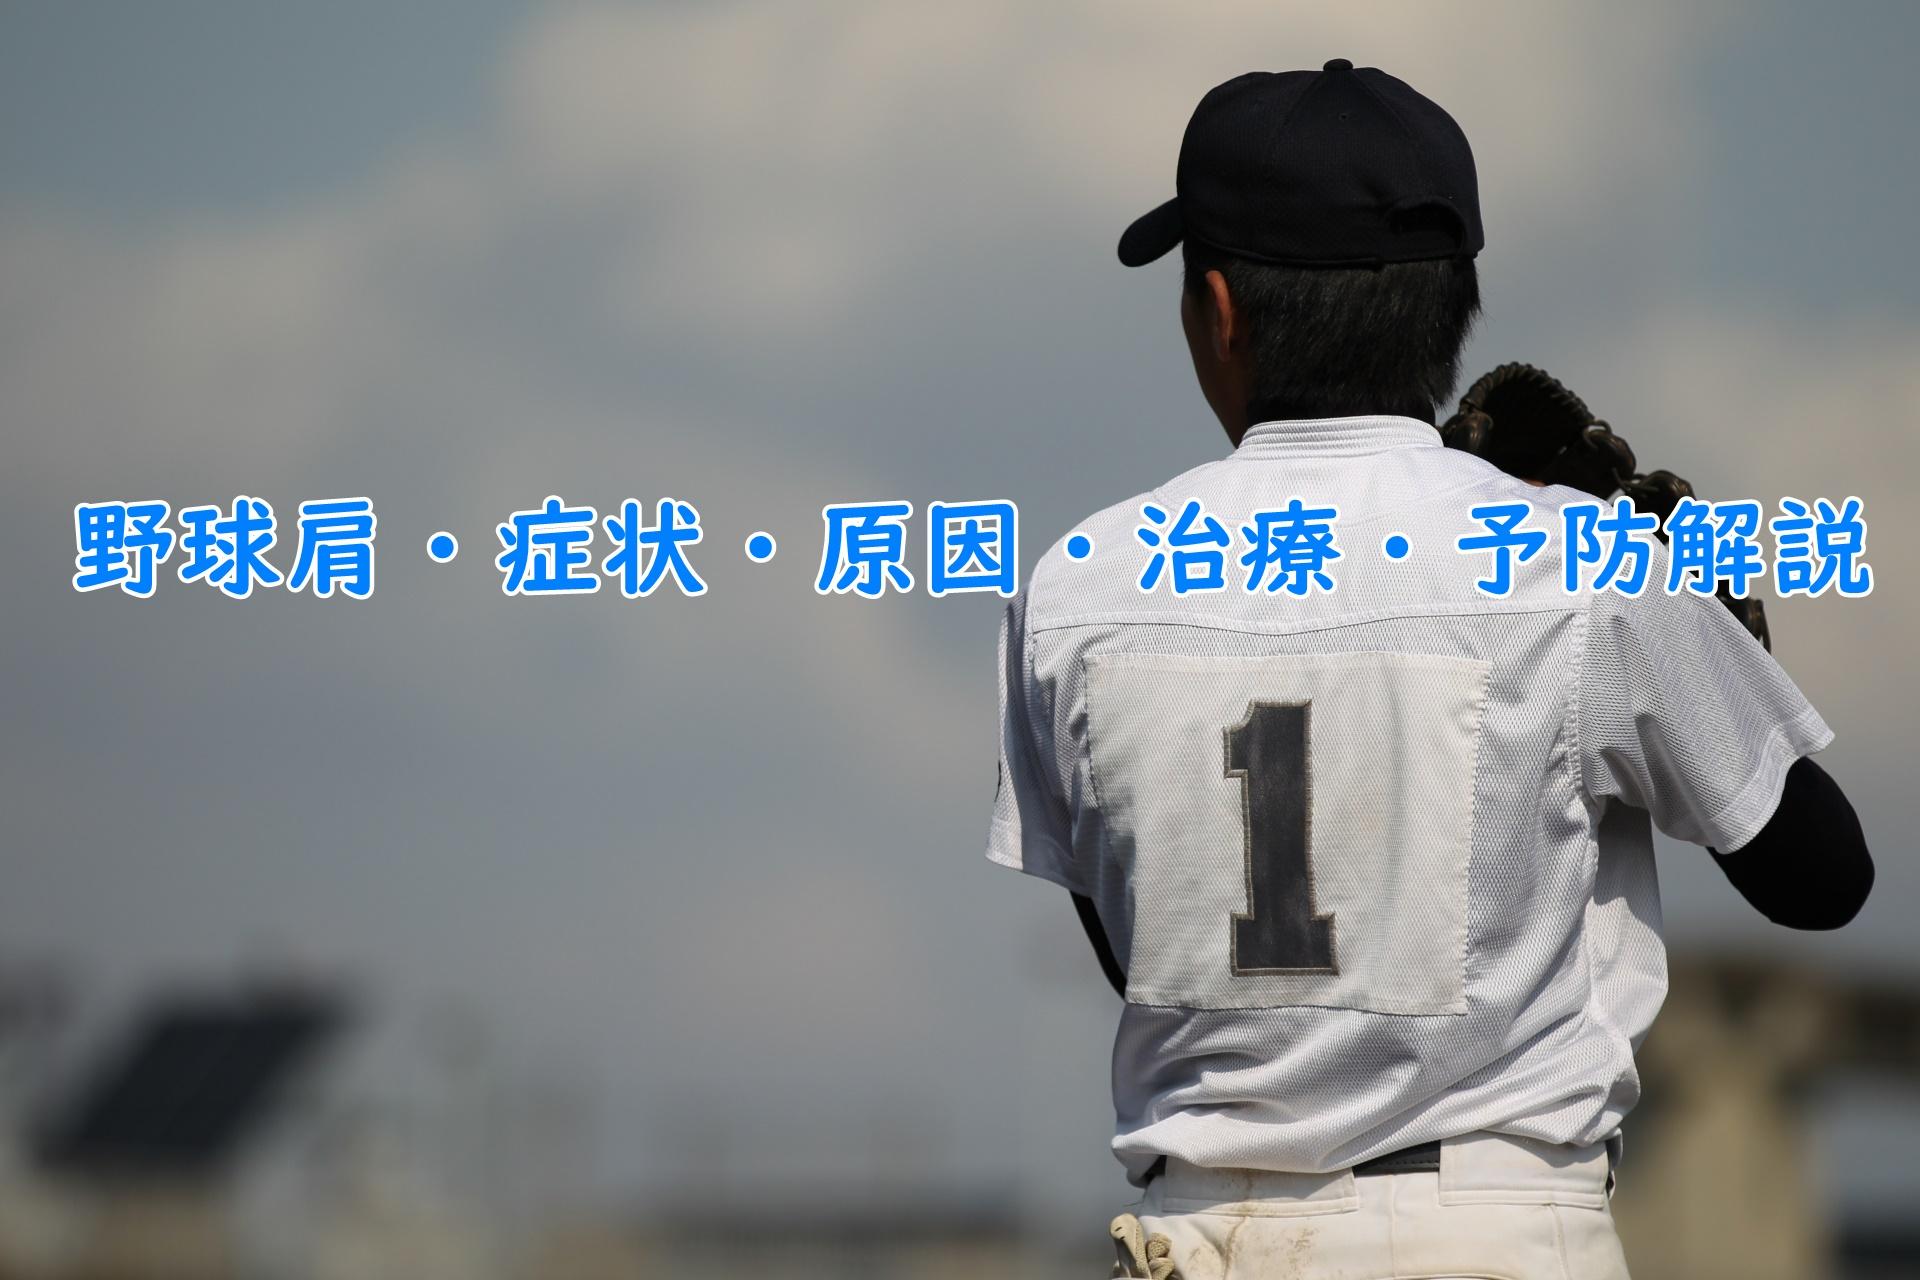 投球障害肩・野球肩の症状・原因・分類・治療・予防法